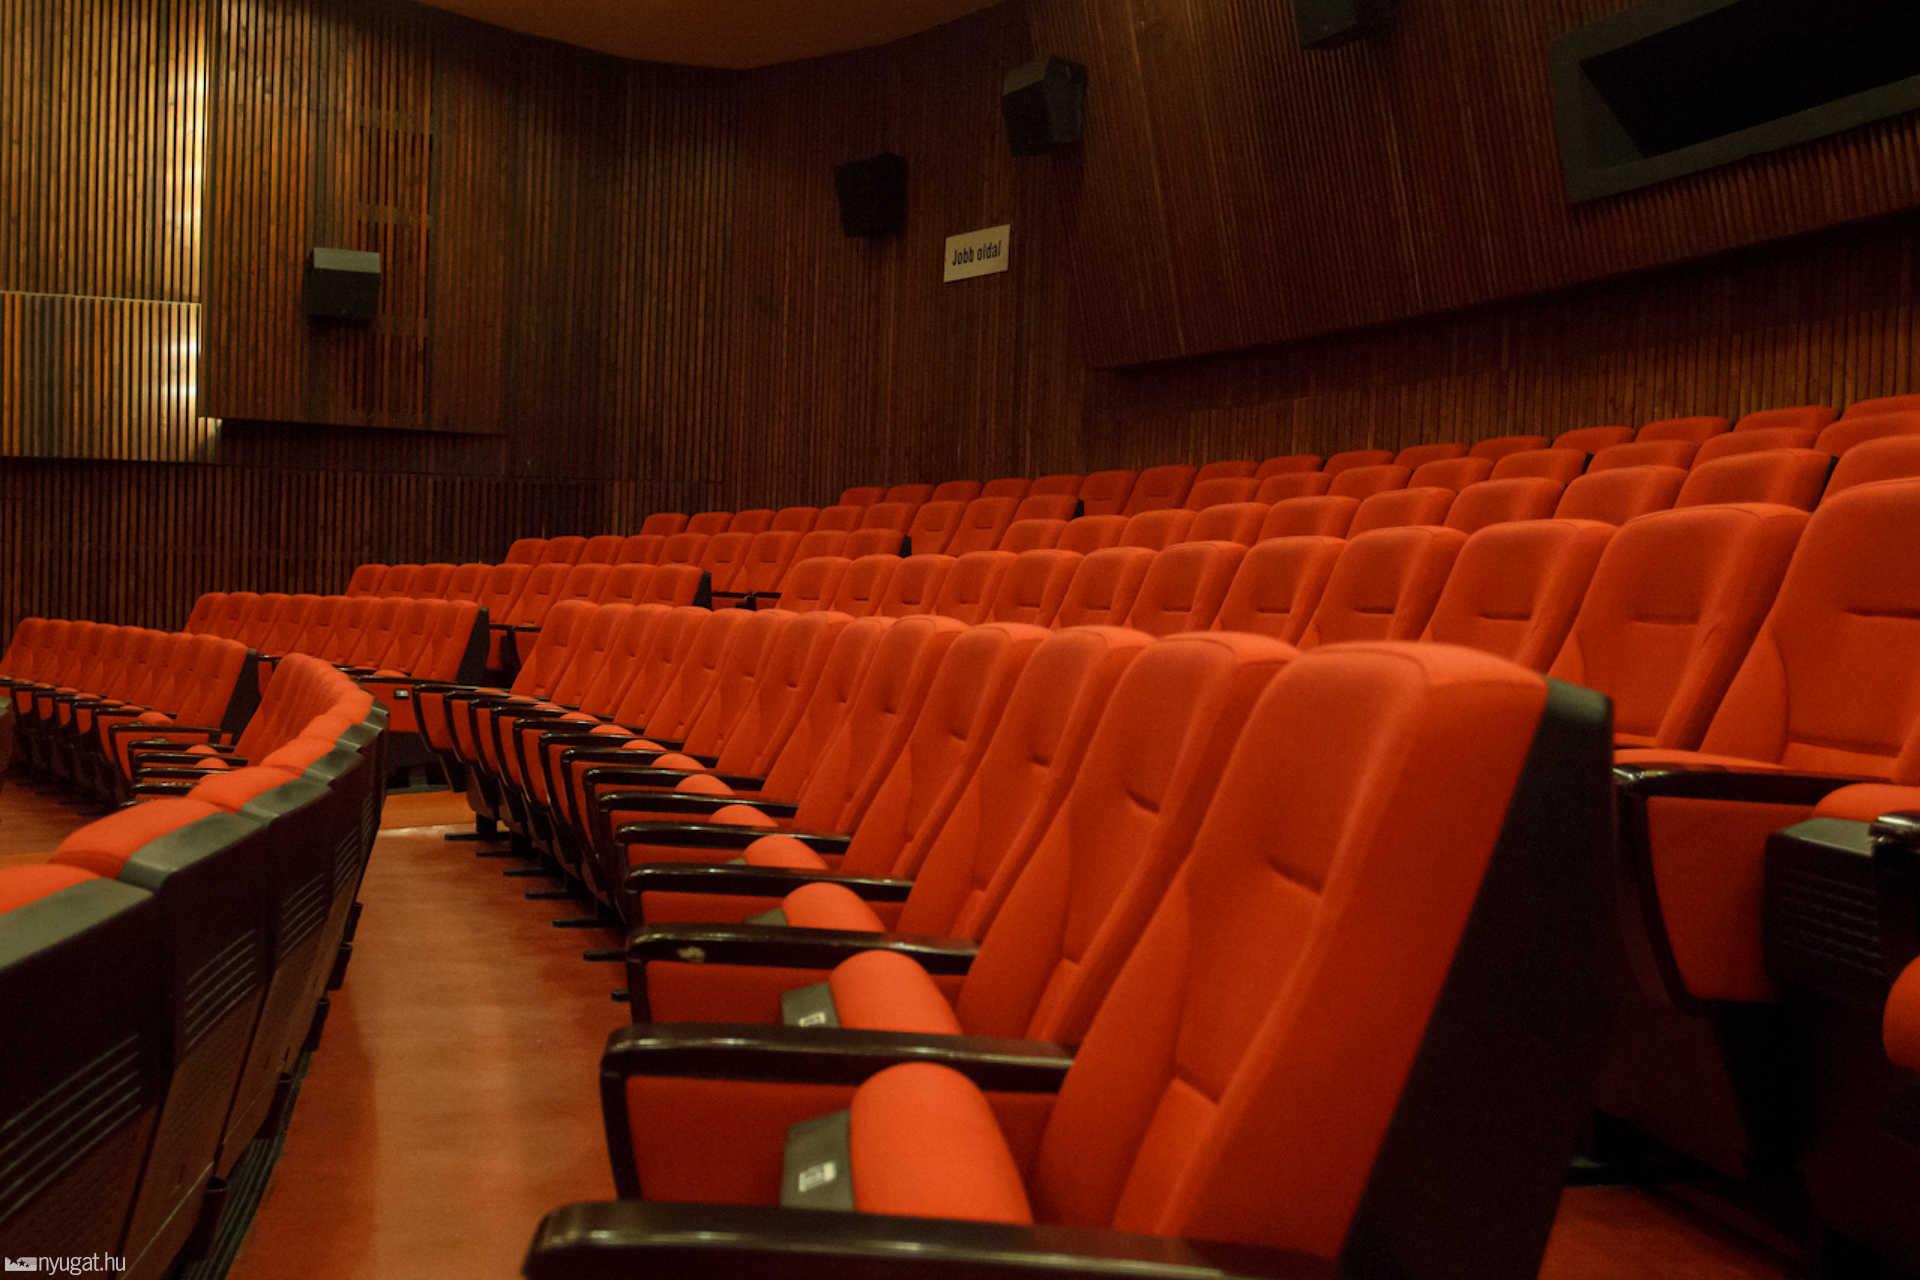 Még kedvesen és csendesen várnak a székek, de amint megjelennek az emberek, az egész átalakul egy harctérré